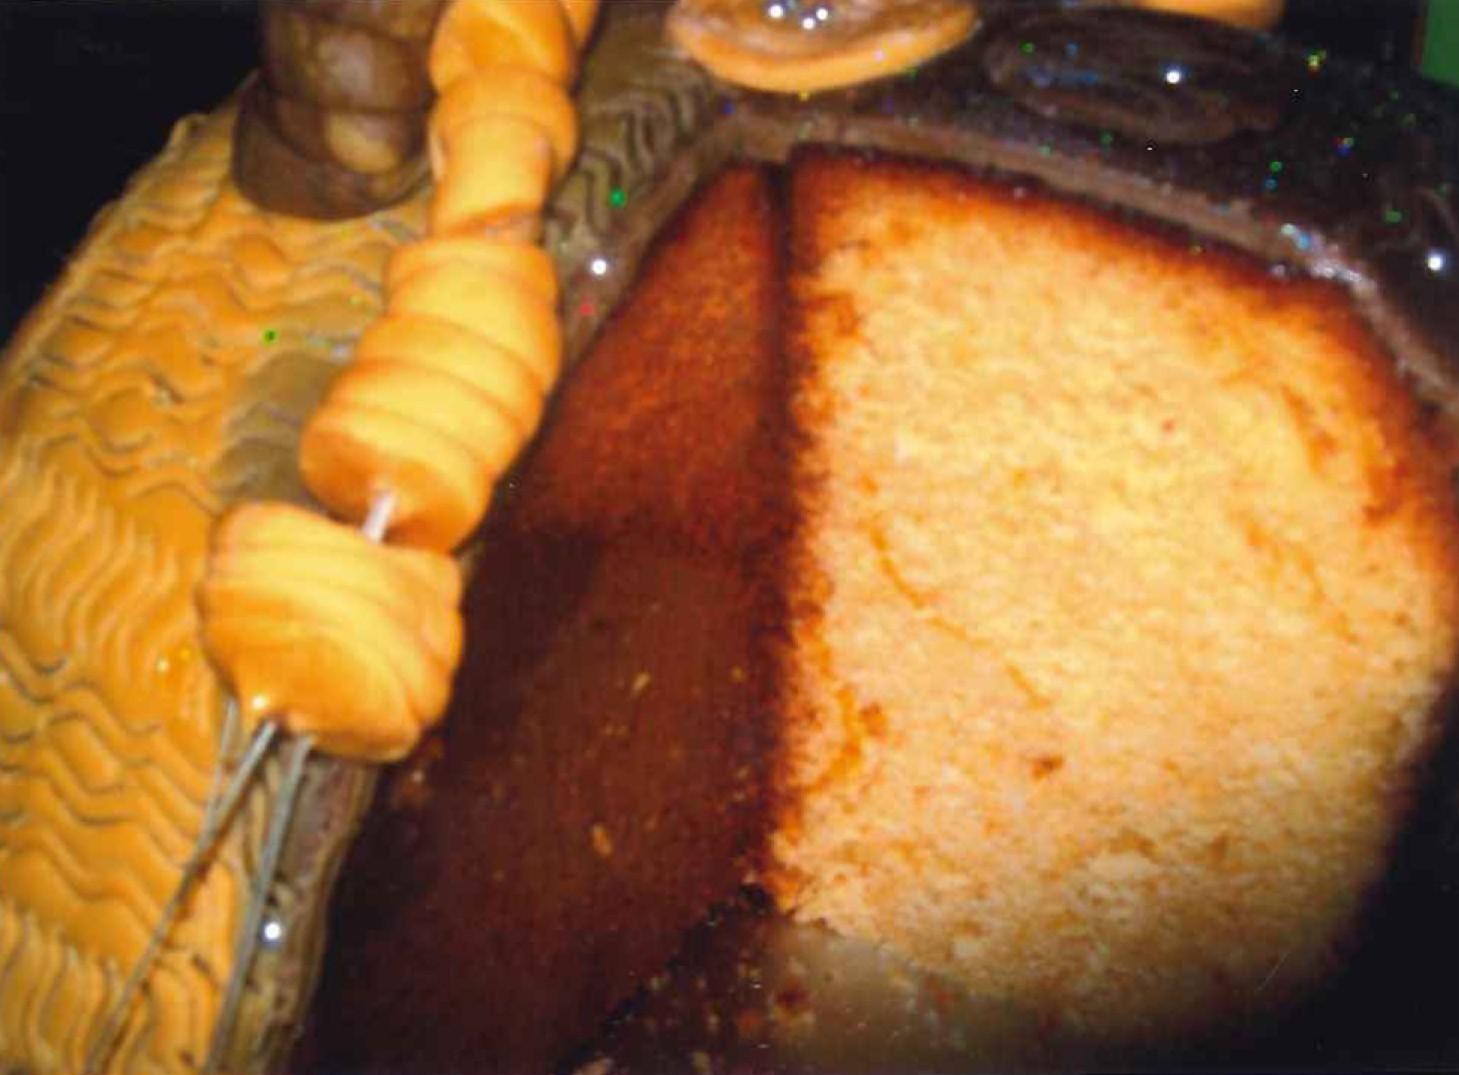 cynthias cake - open cut cakes (2)